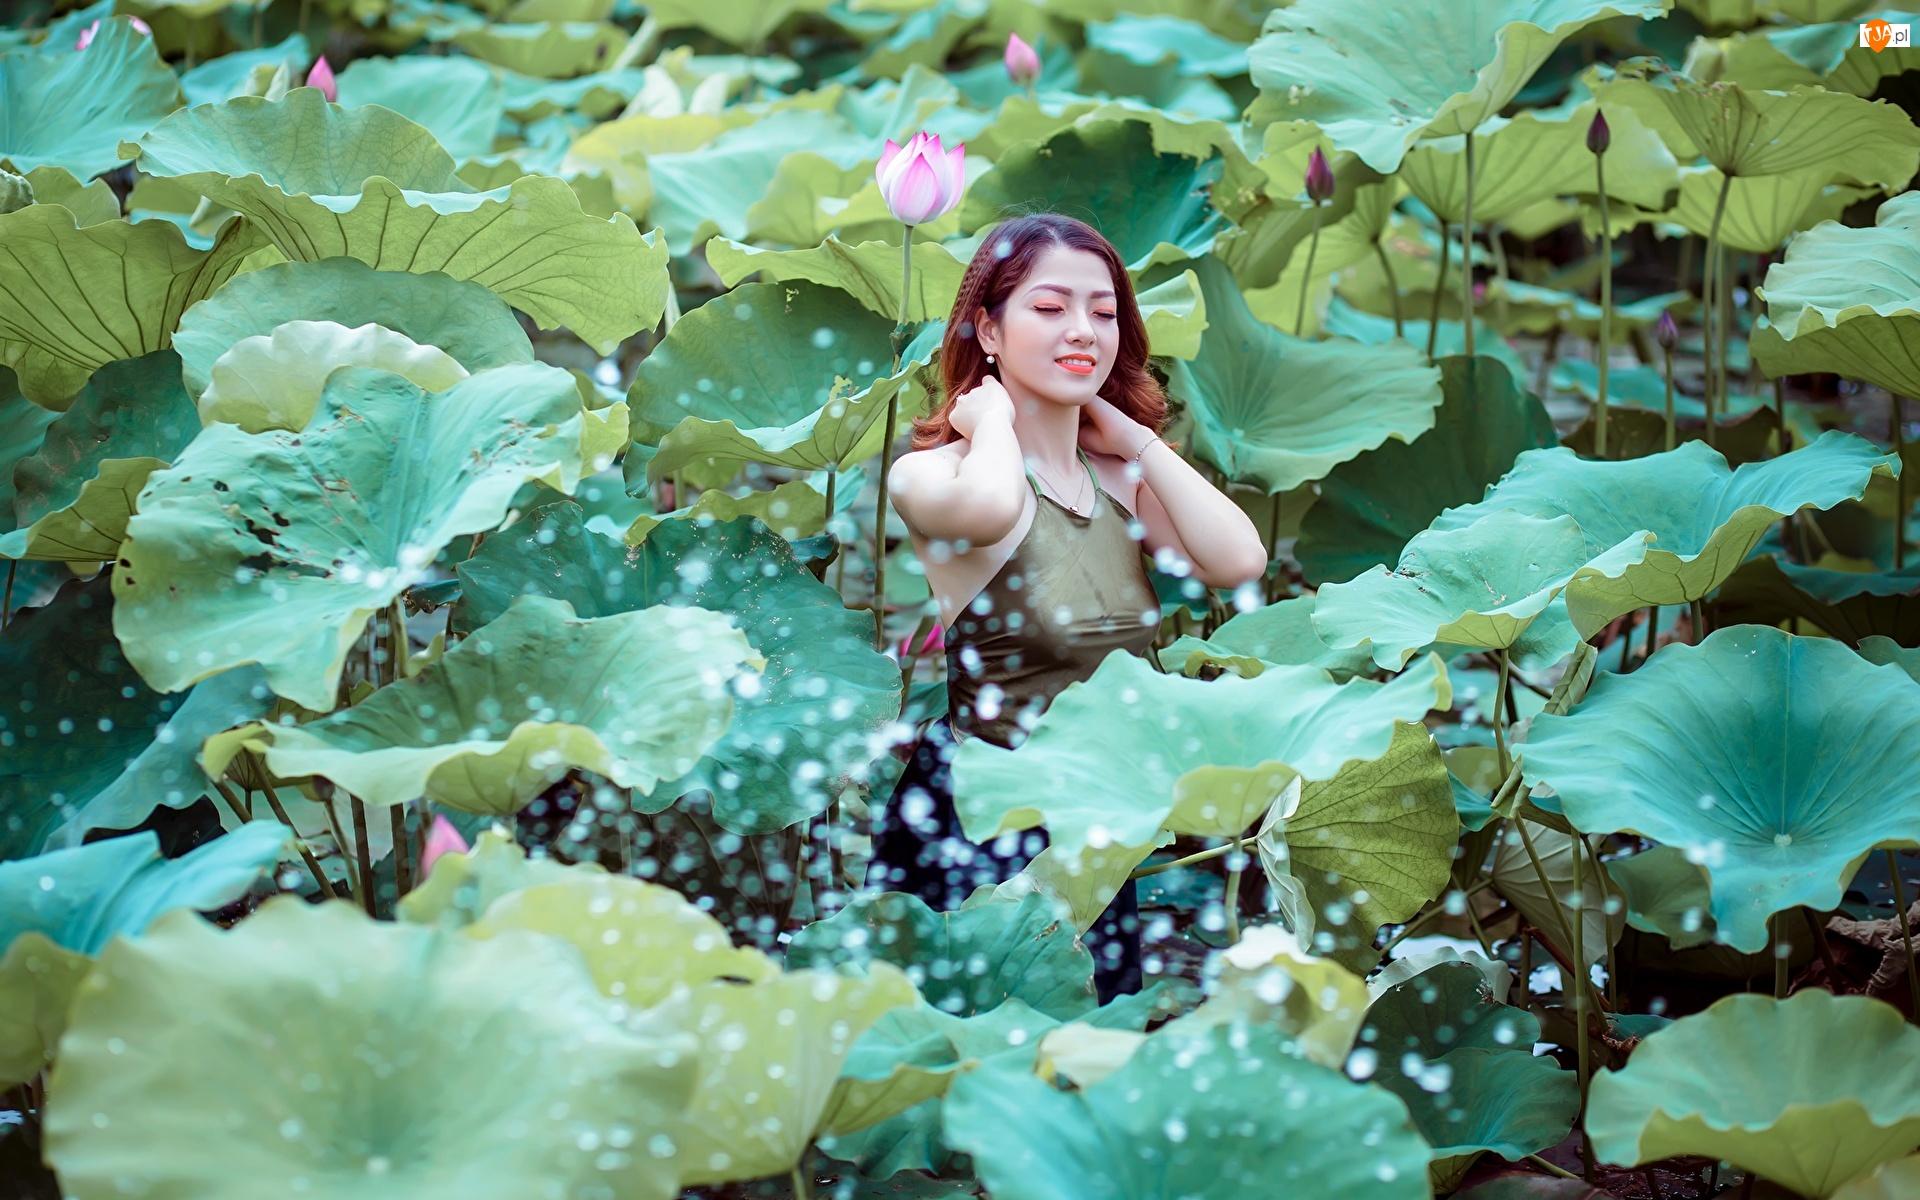 Lotosu, Kwiaty, Kobieta, Uśmiech, Liście, Azjatka